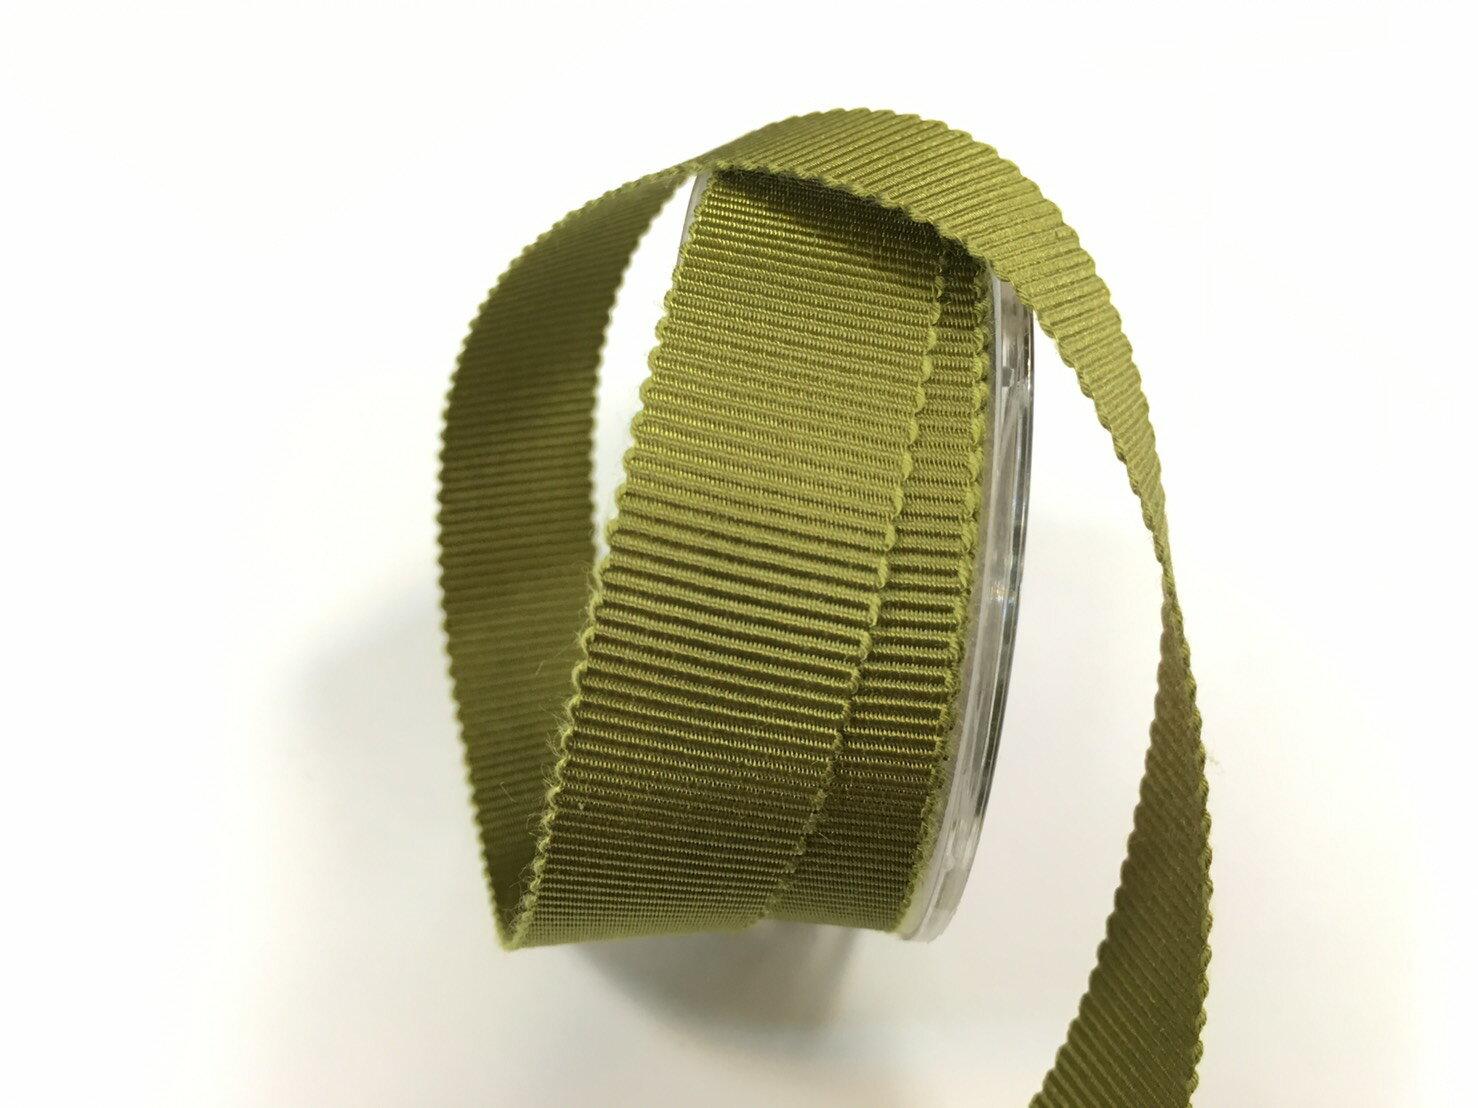 迴紋帶 羅紋緞帶 15mm 3碼 (22色) 日本製造台灣包裝 0